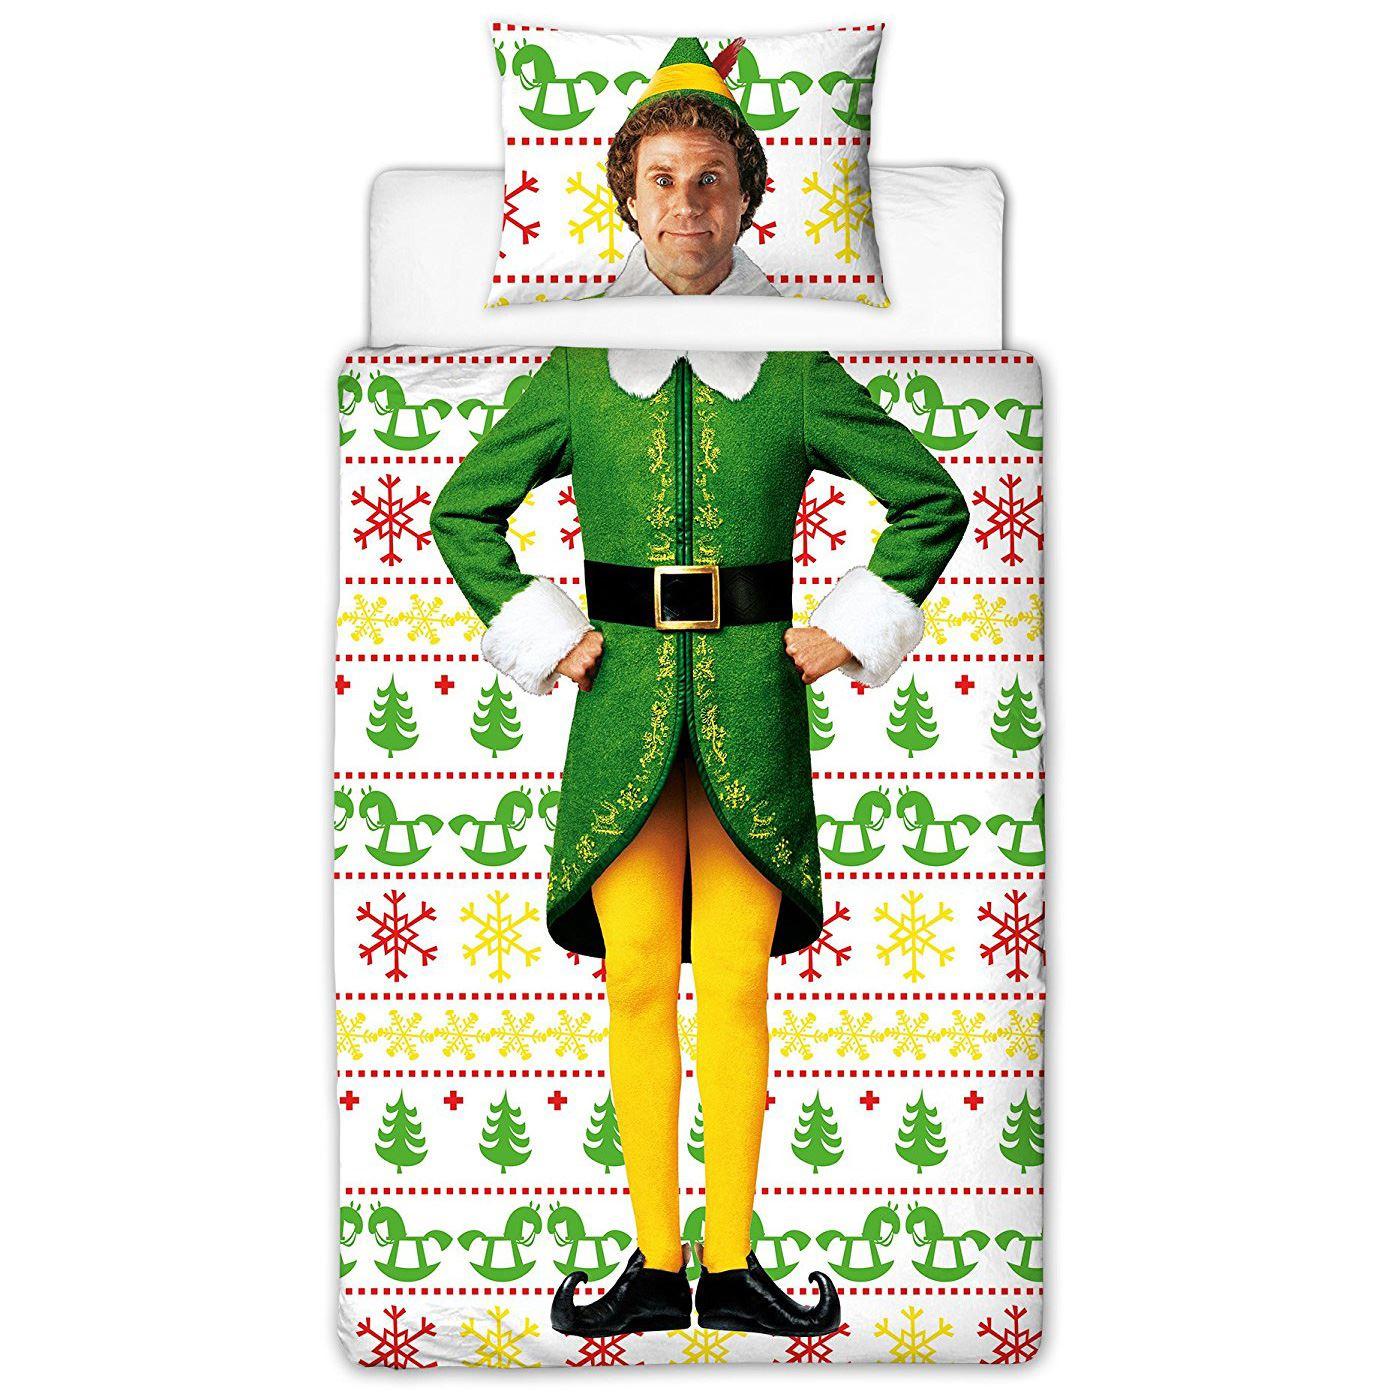 Indexbild 9 - Kinder Weihnachten Bettbezug Sets - Junior Einzel Doppel King - Elf Emoji Grinch